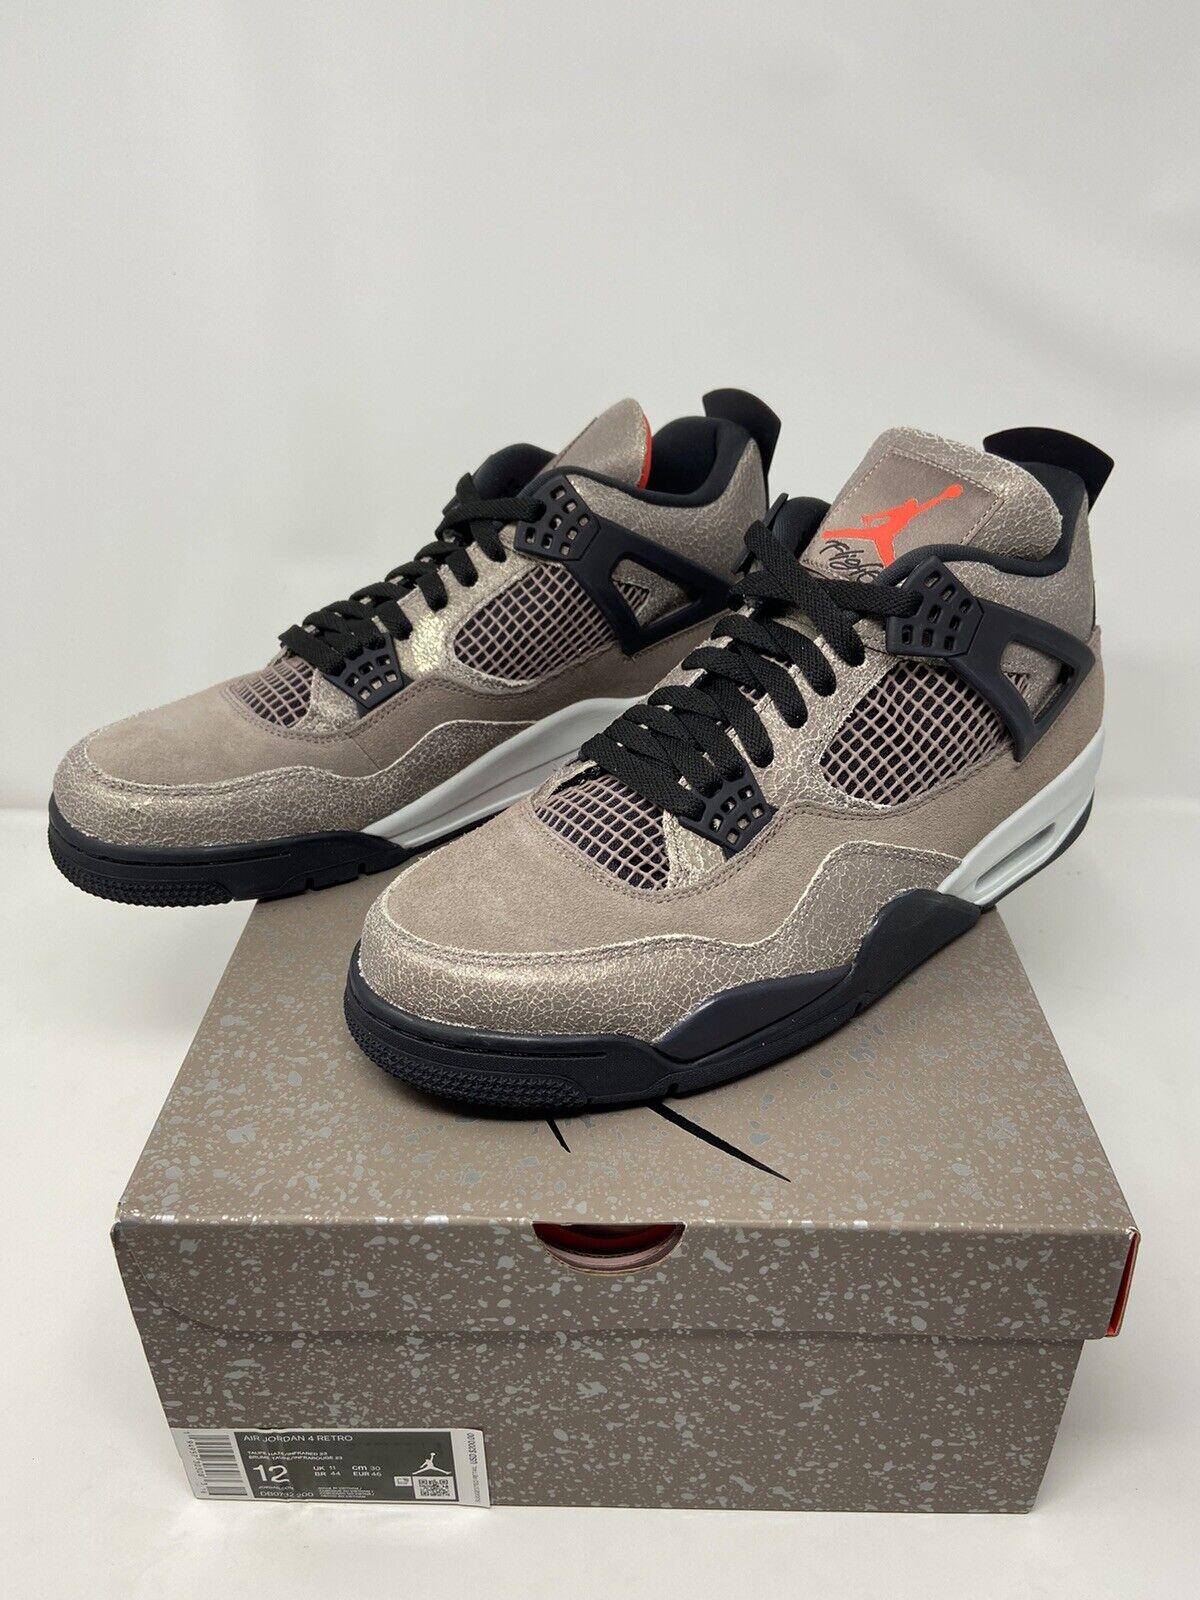 Nike Air Jordan 4 Taupe Haze DB0732-200 Size 12   FREE SHIPPING